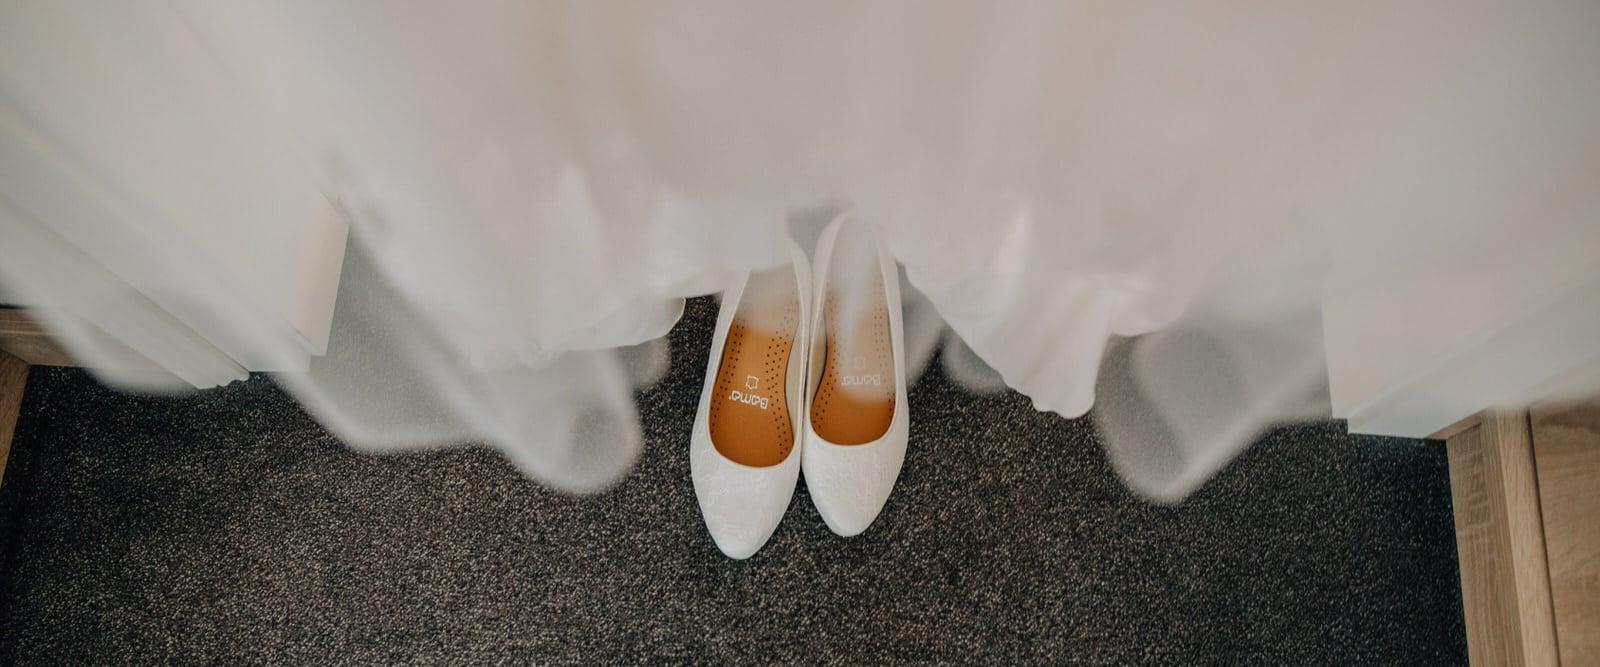 Getting Ready, Hochzeit, Heiraten, Spreewald, Hochzeitsfotograf, Raphael Kellner, Cottbus